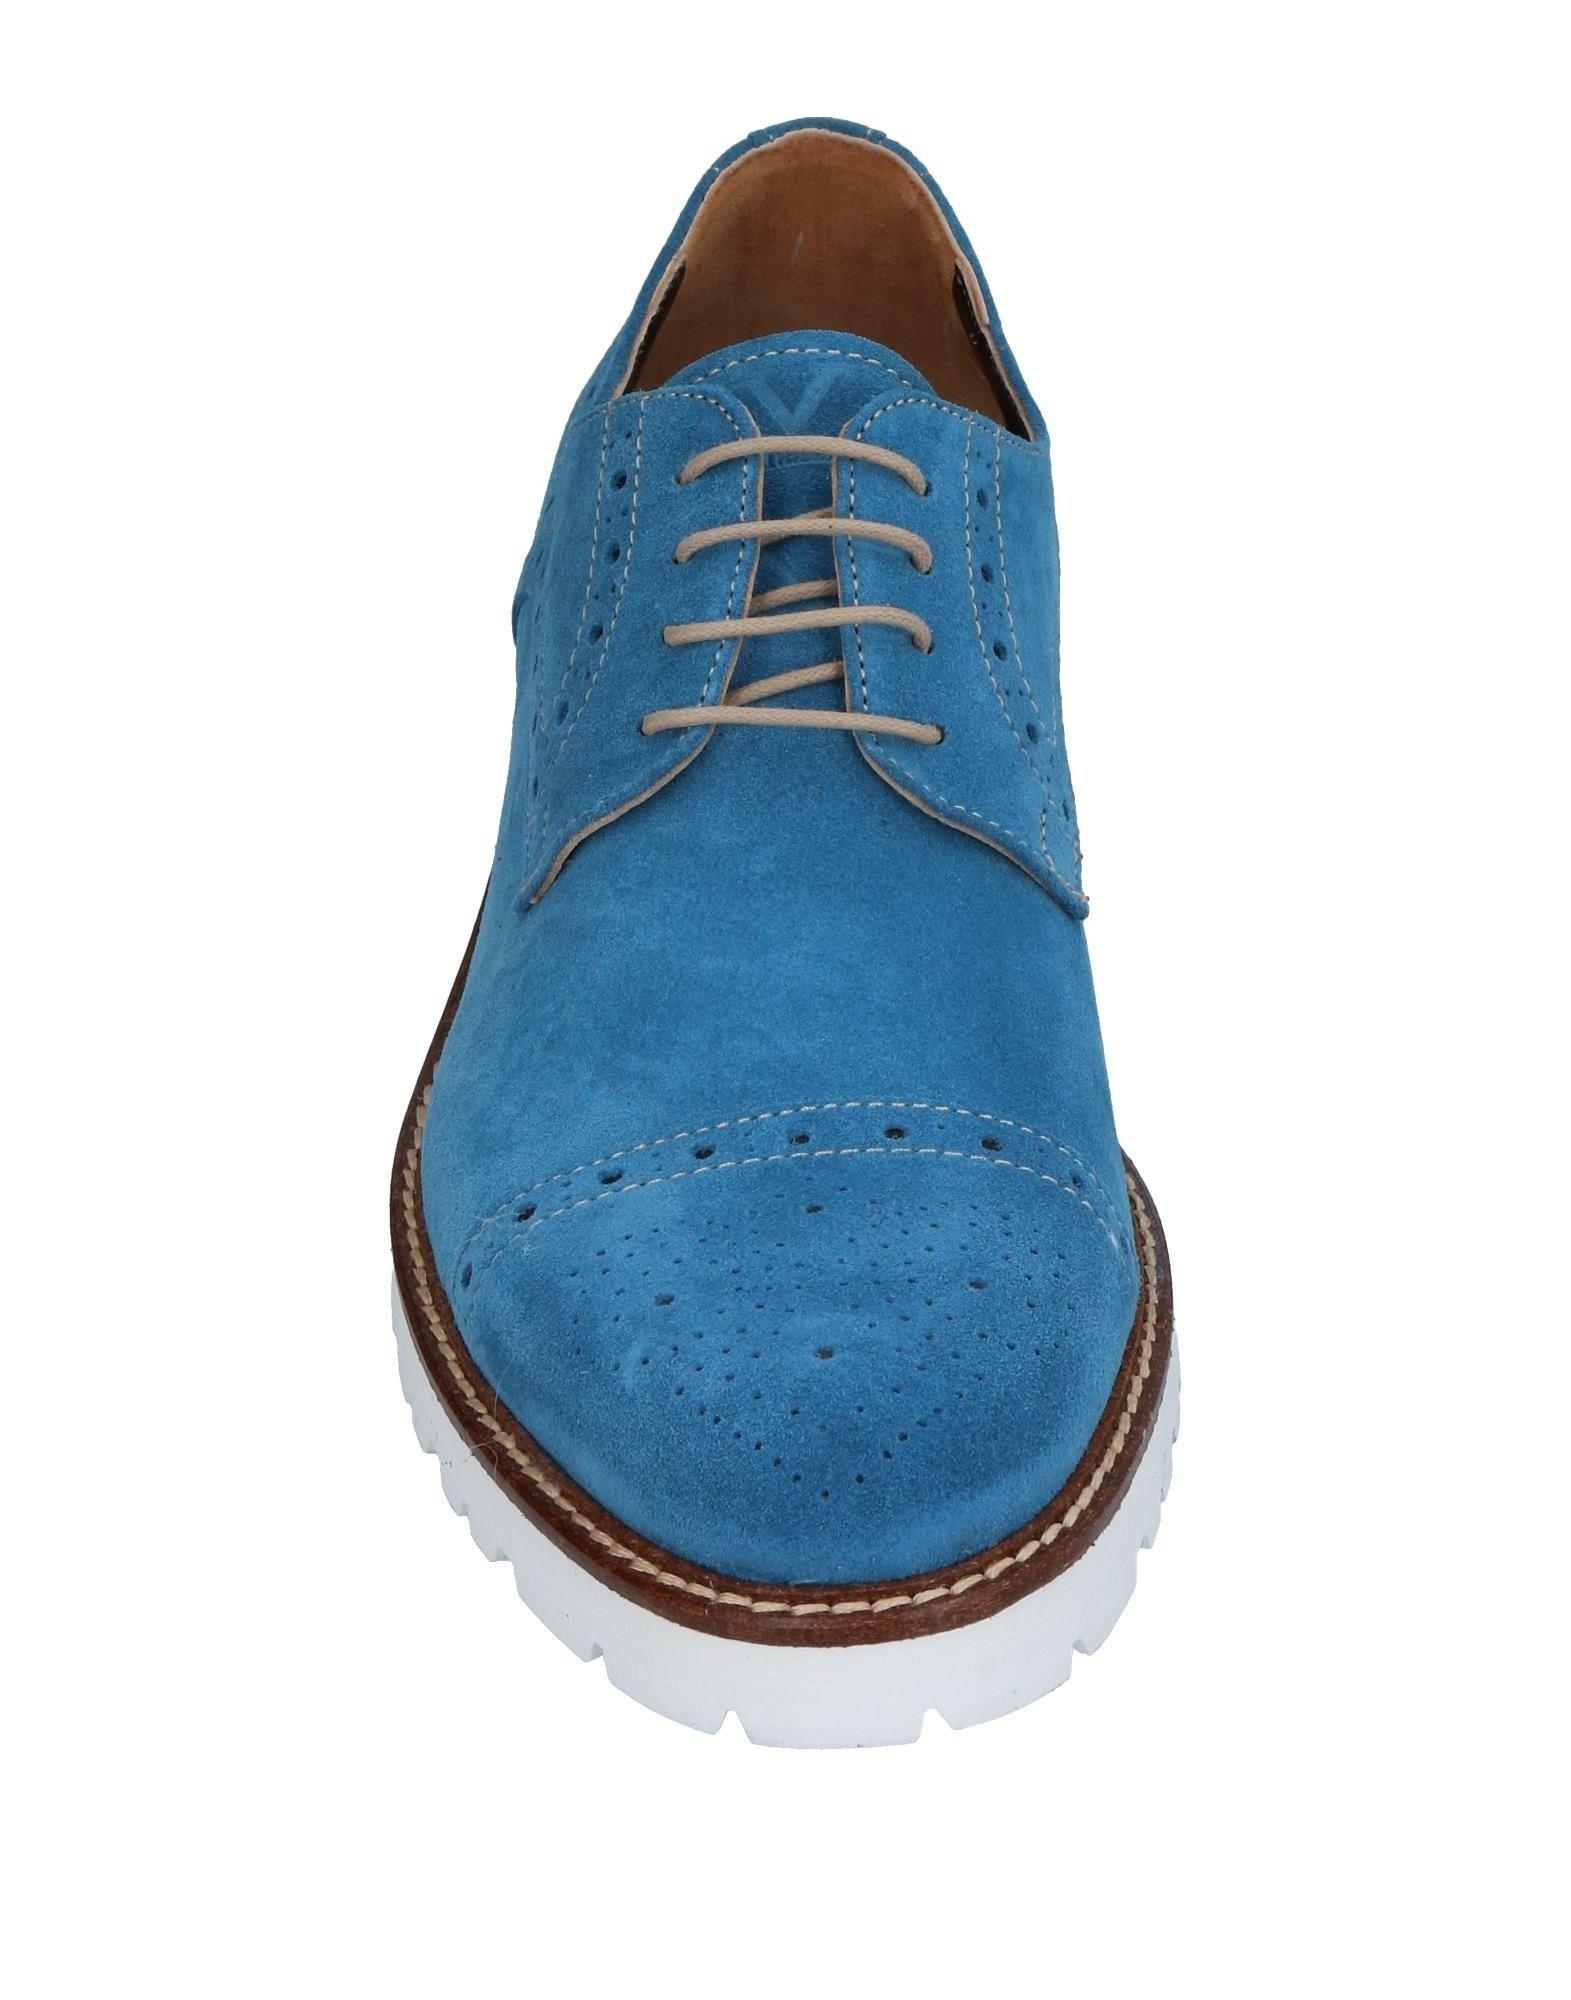 Rabatt Schuhe echte Schuhe Rabatt V Italia Schnürschuhe Herren  11370236IJ 7028a4